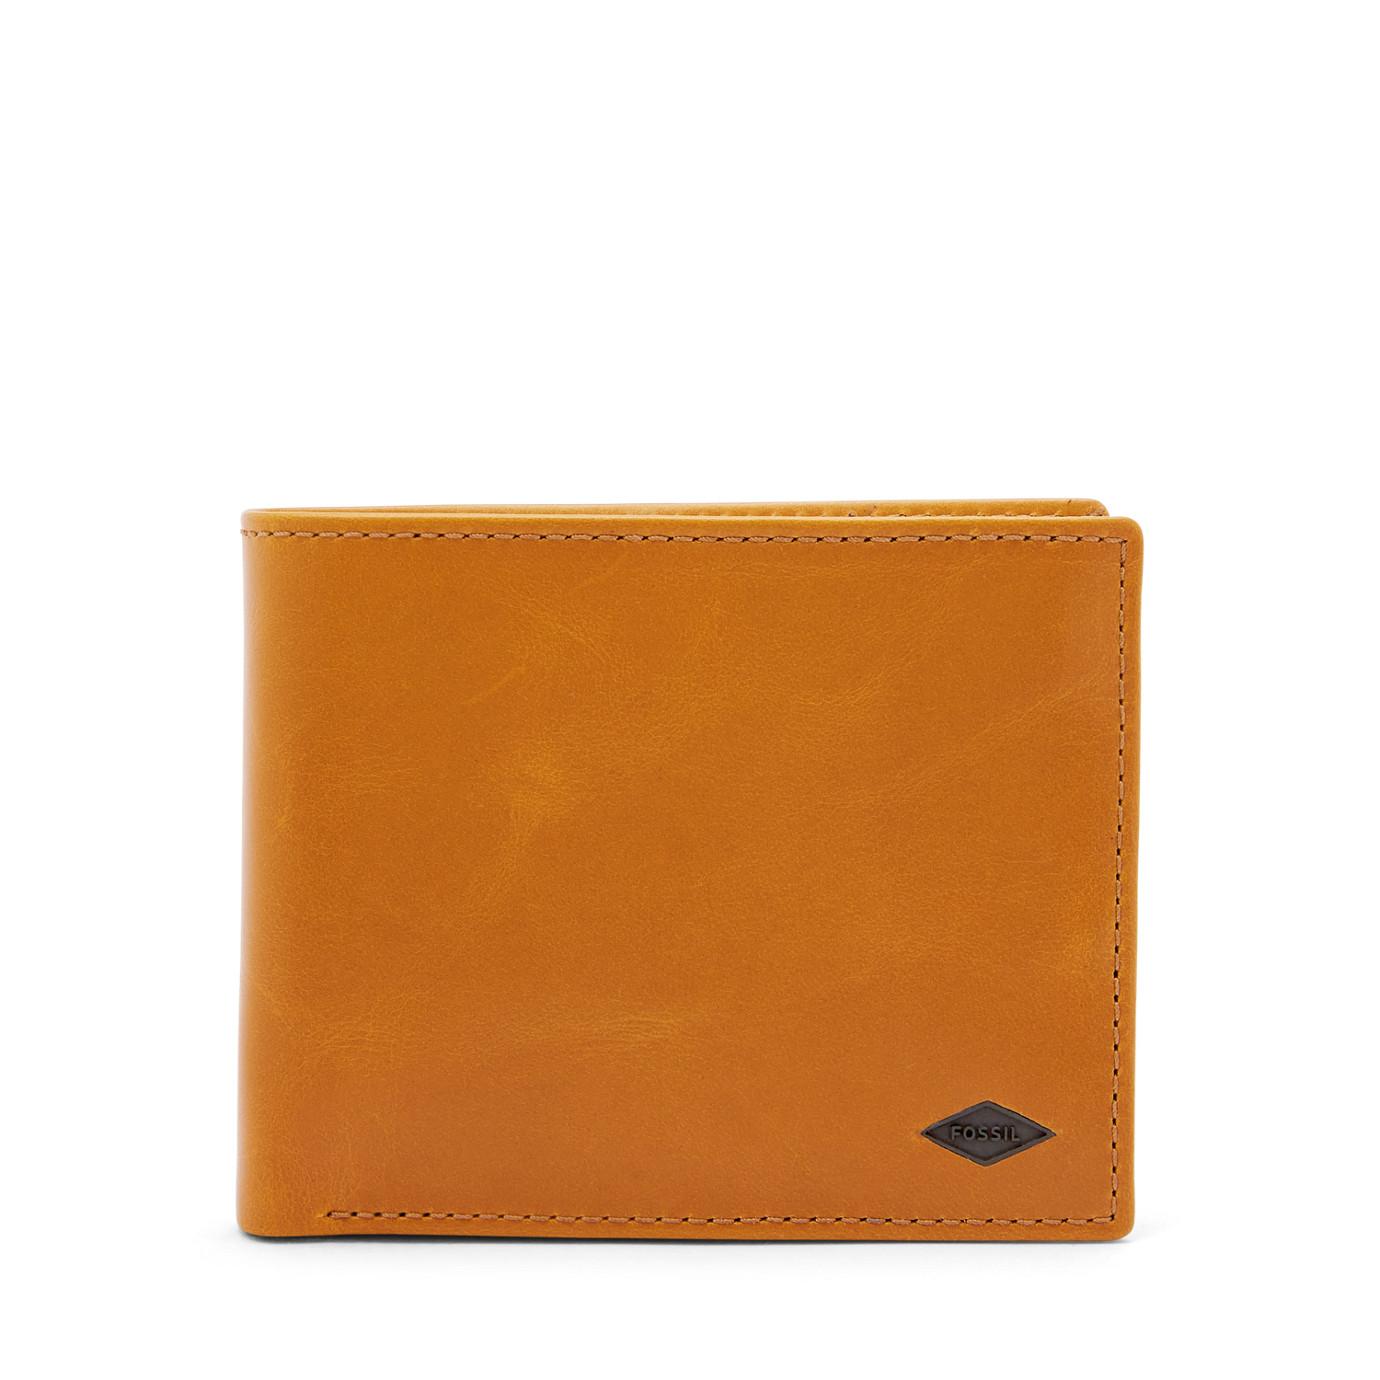 Ryan RFID Large Coin Pocket Bifold